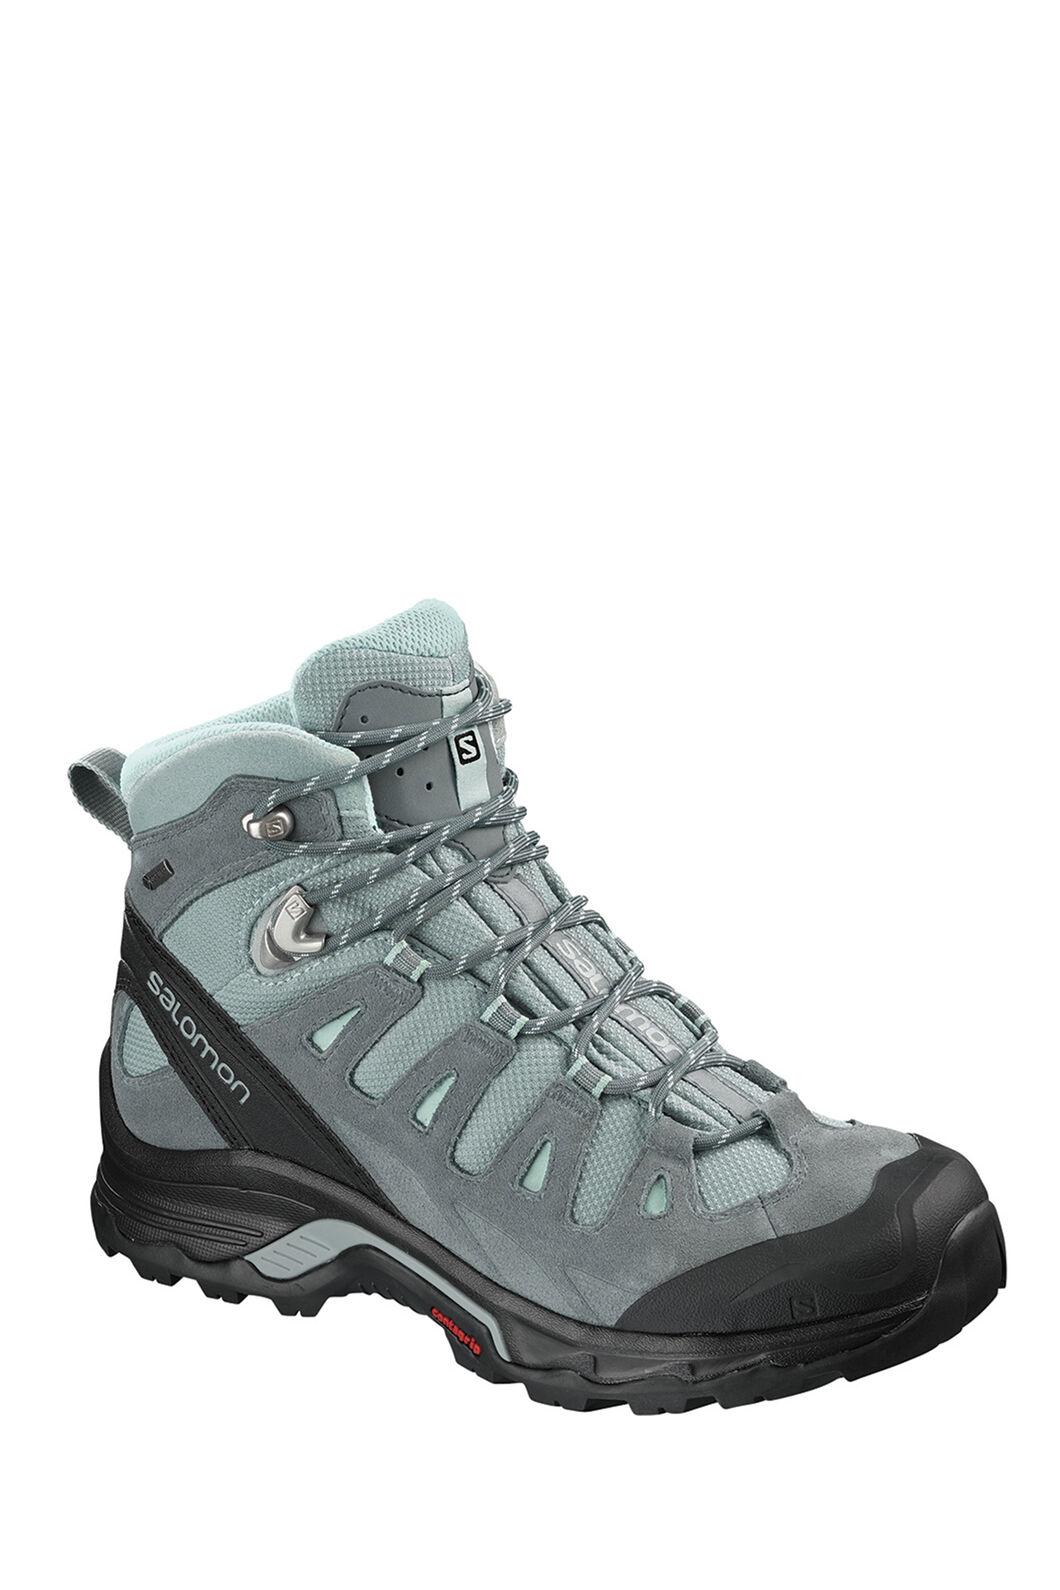 Salomon Quest Prime GTX Mid Boots — Women's, LEAD/STORMY/WEATHER/EGG BLUE, hi-res